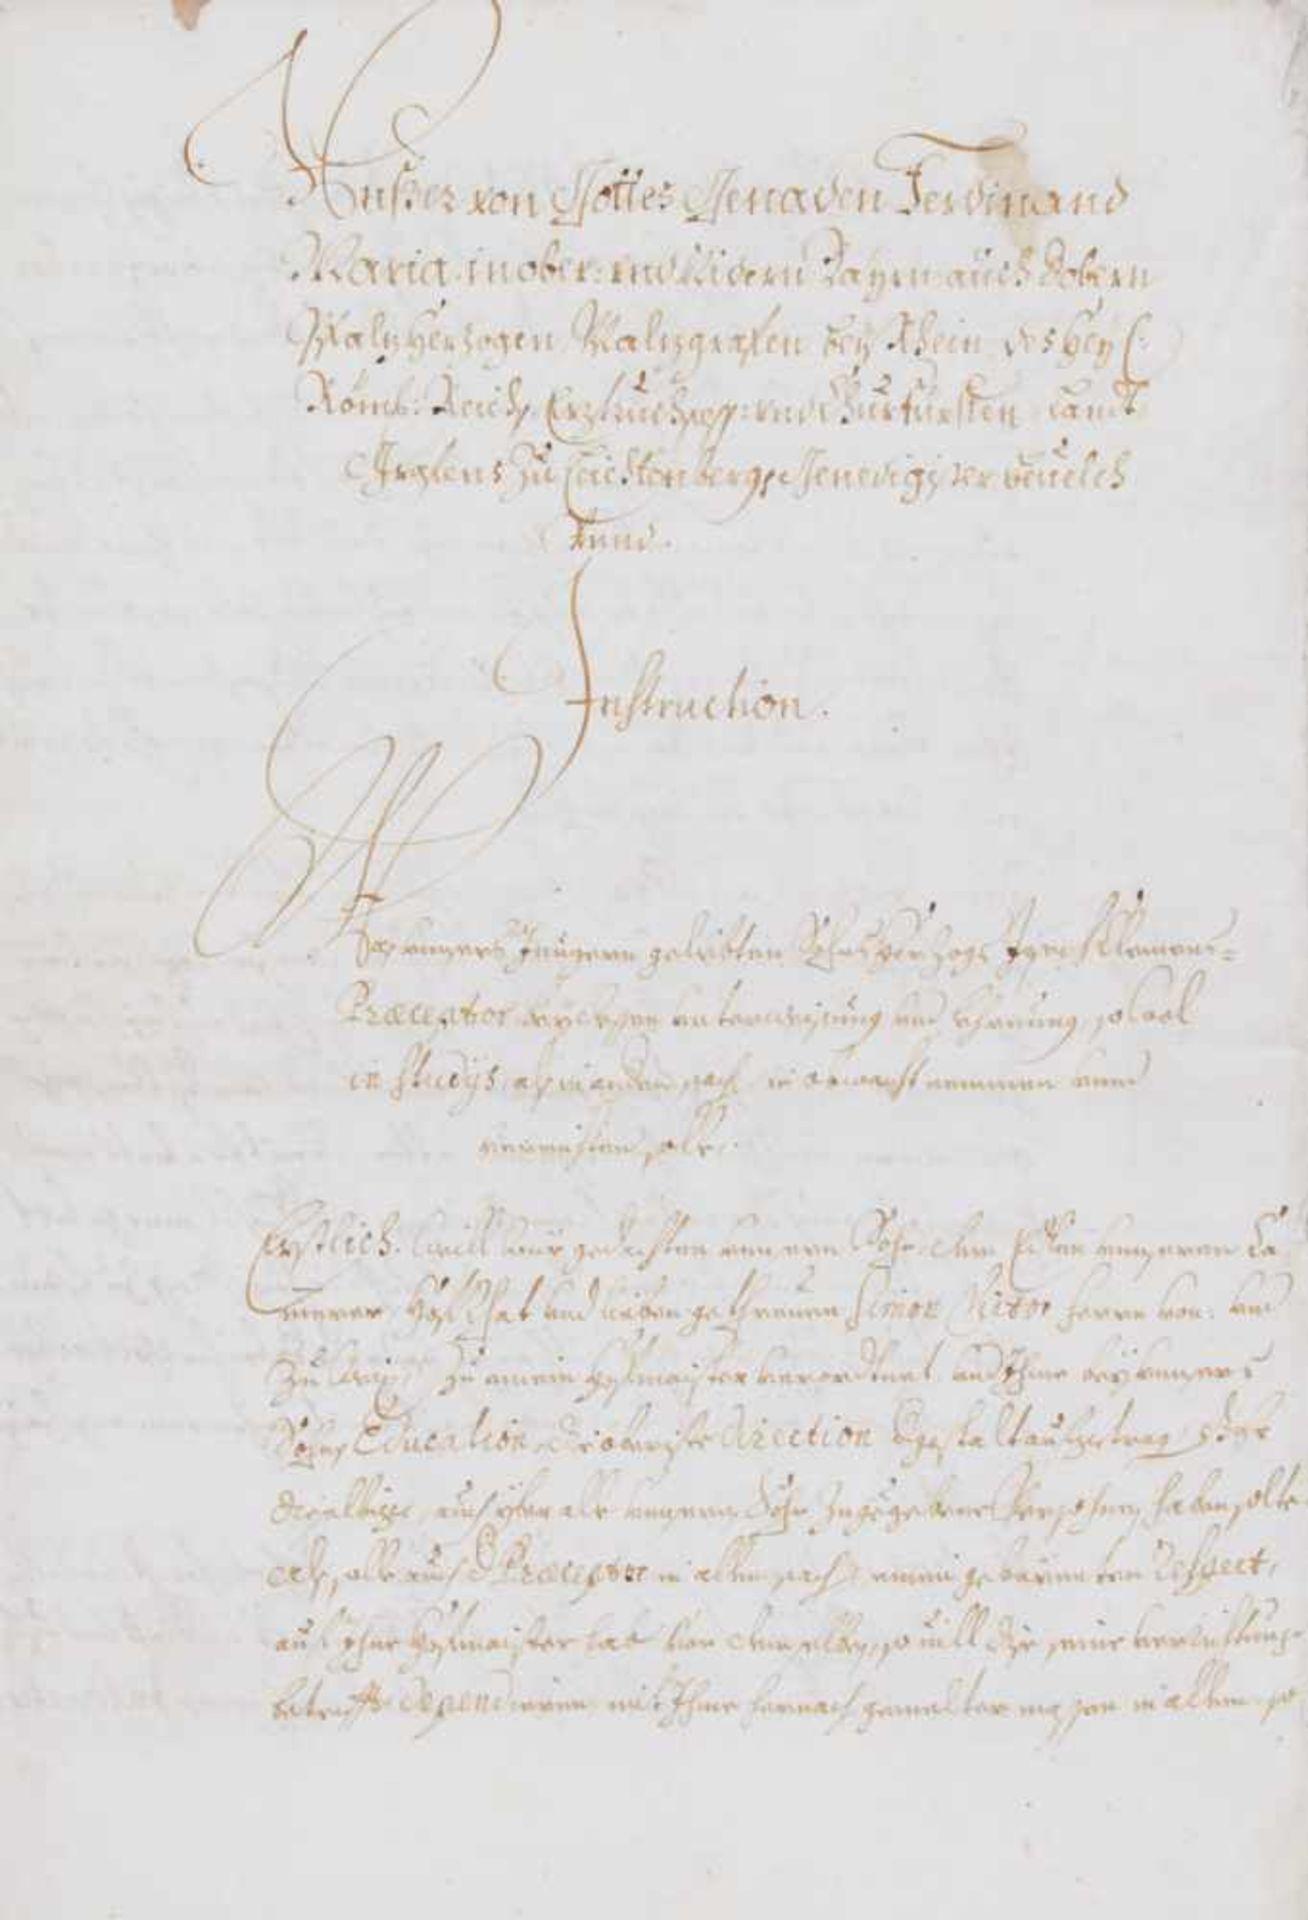 """Joseph Clemens von Bayern- """"Unser von Gottes Genaden Ferdinand Maria ... Genedigister Bevelch unnd"""